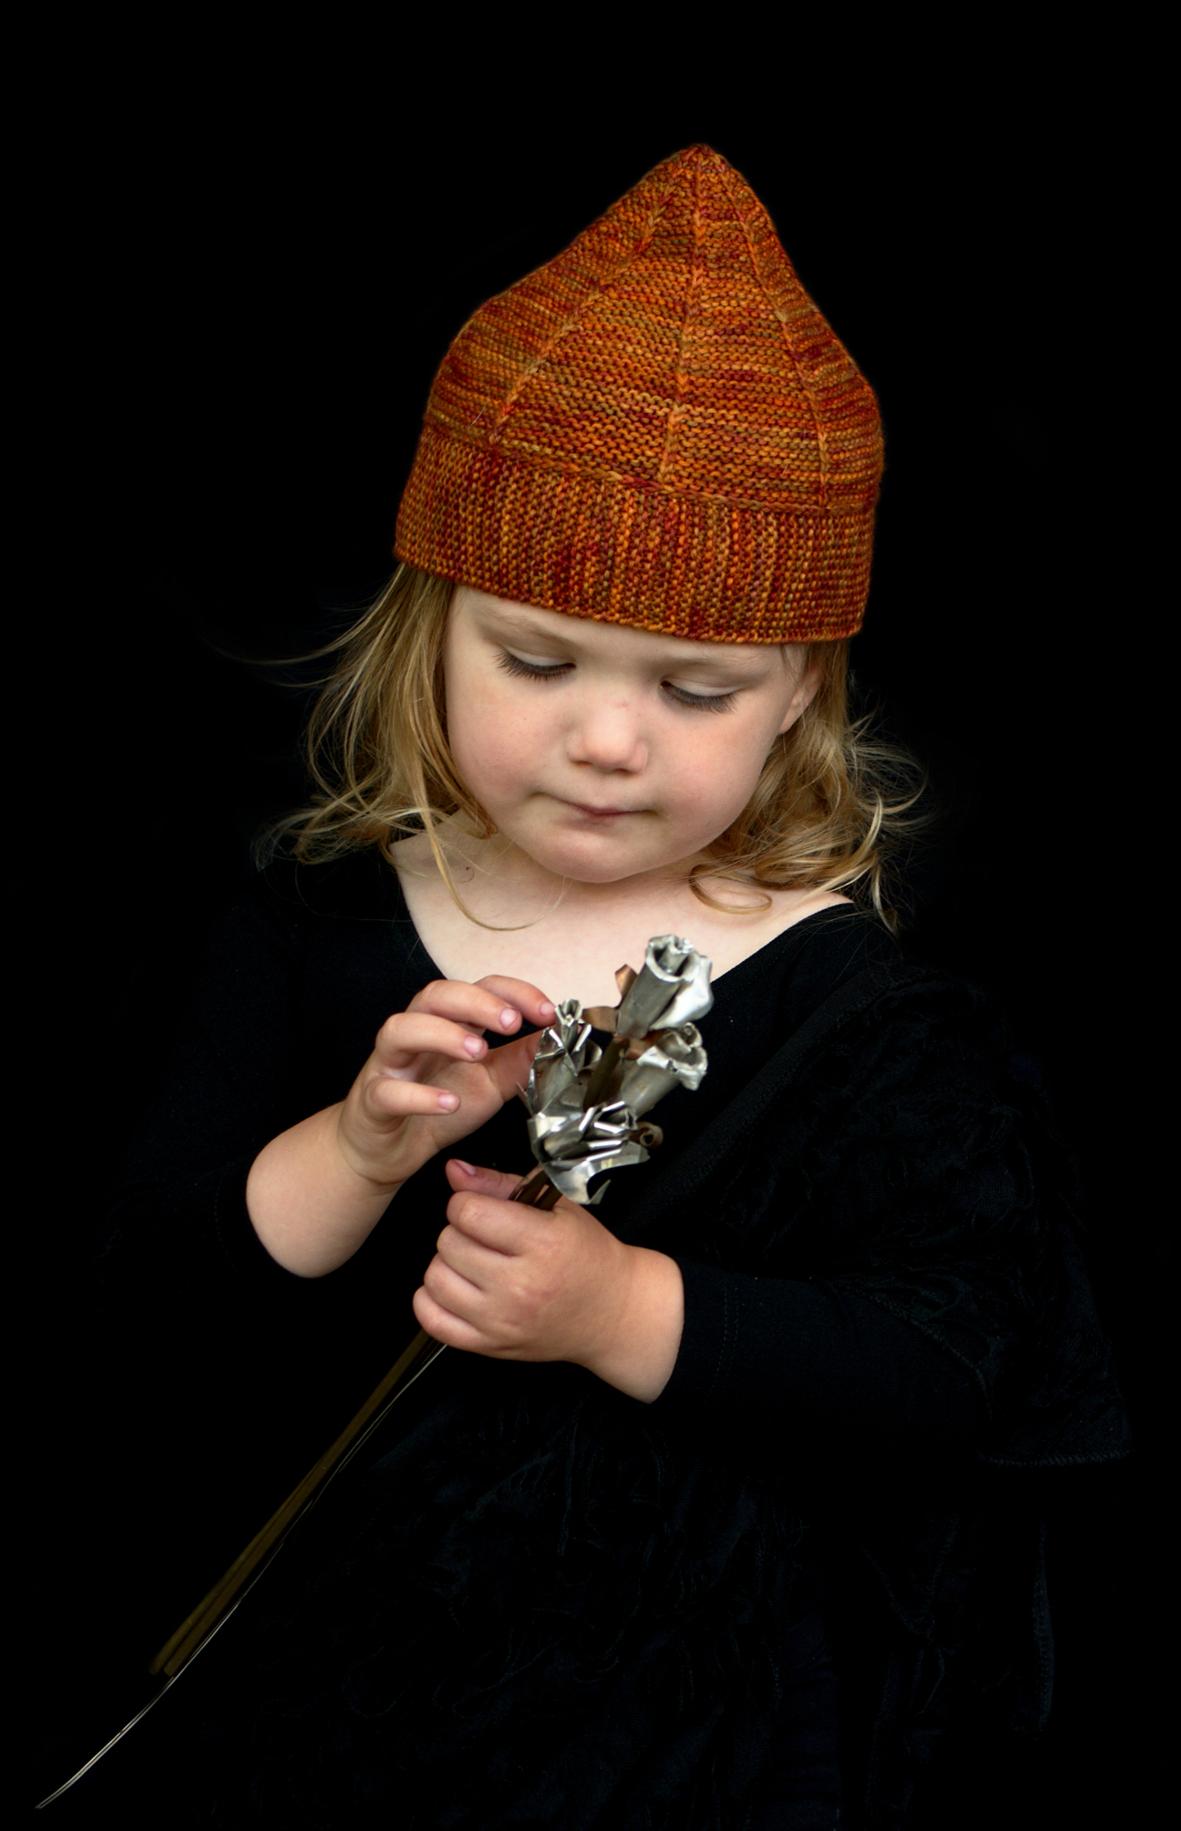 Hadleigh pixie Hat hand knitting pattern